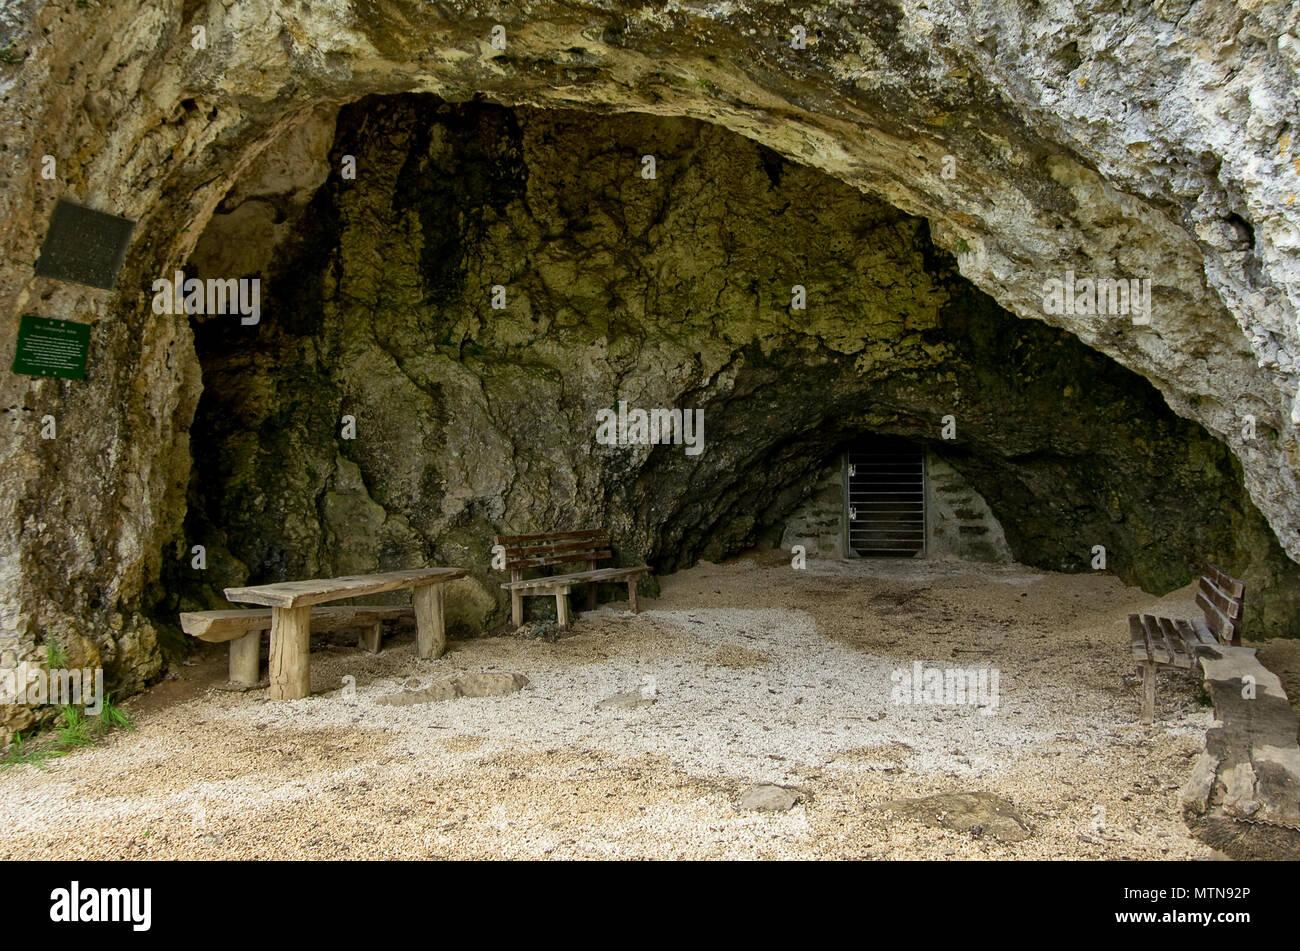 Eingang zu einer Höhle; Gutenberg Höhle in der Nähe von Lenningen, Schwäbische Alb, Deutschland. Stockbild